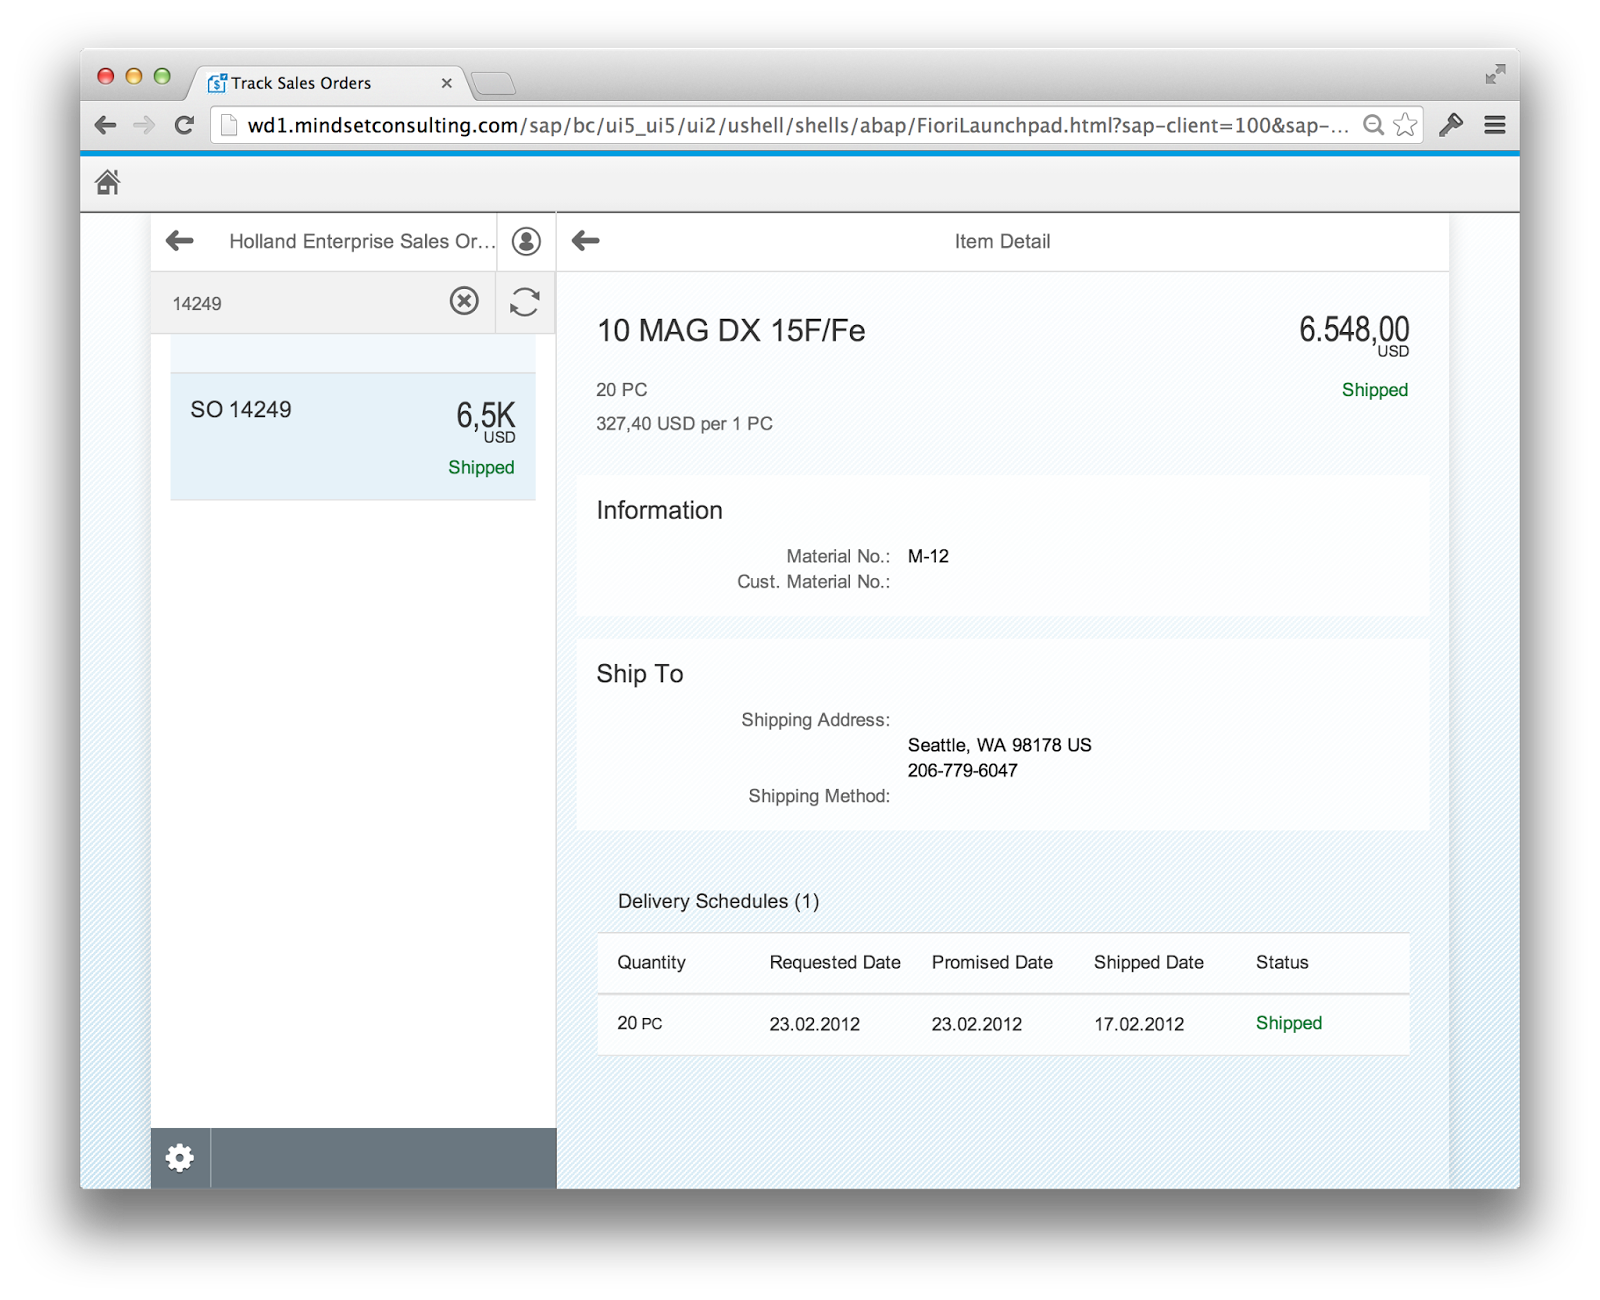 SAP Fiori Track Sales Order - Item Details